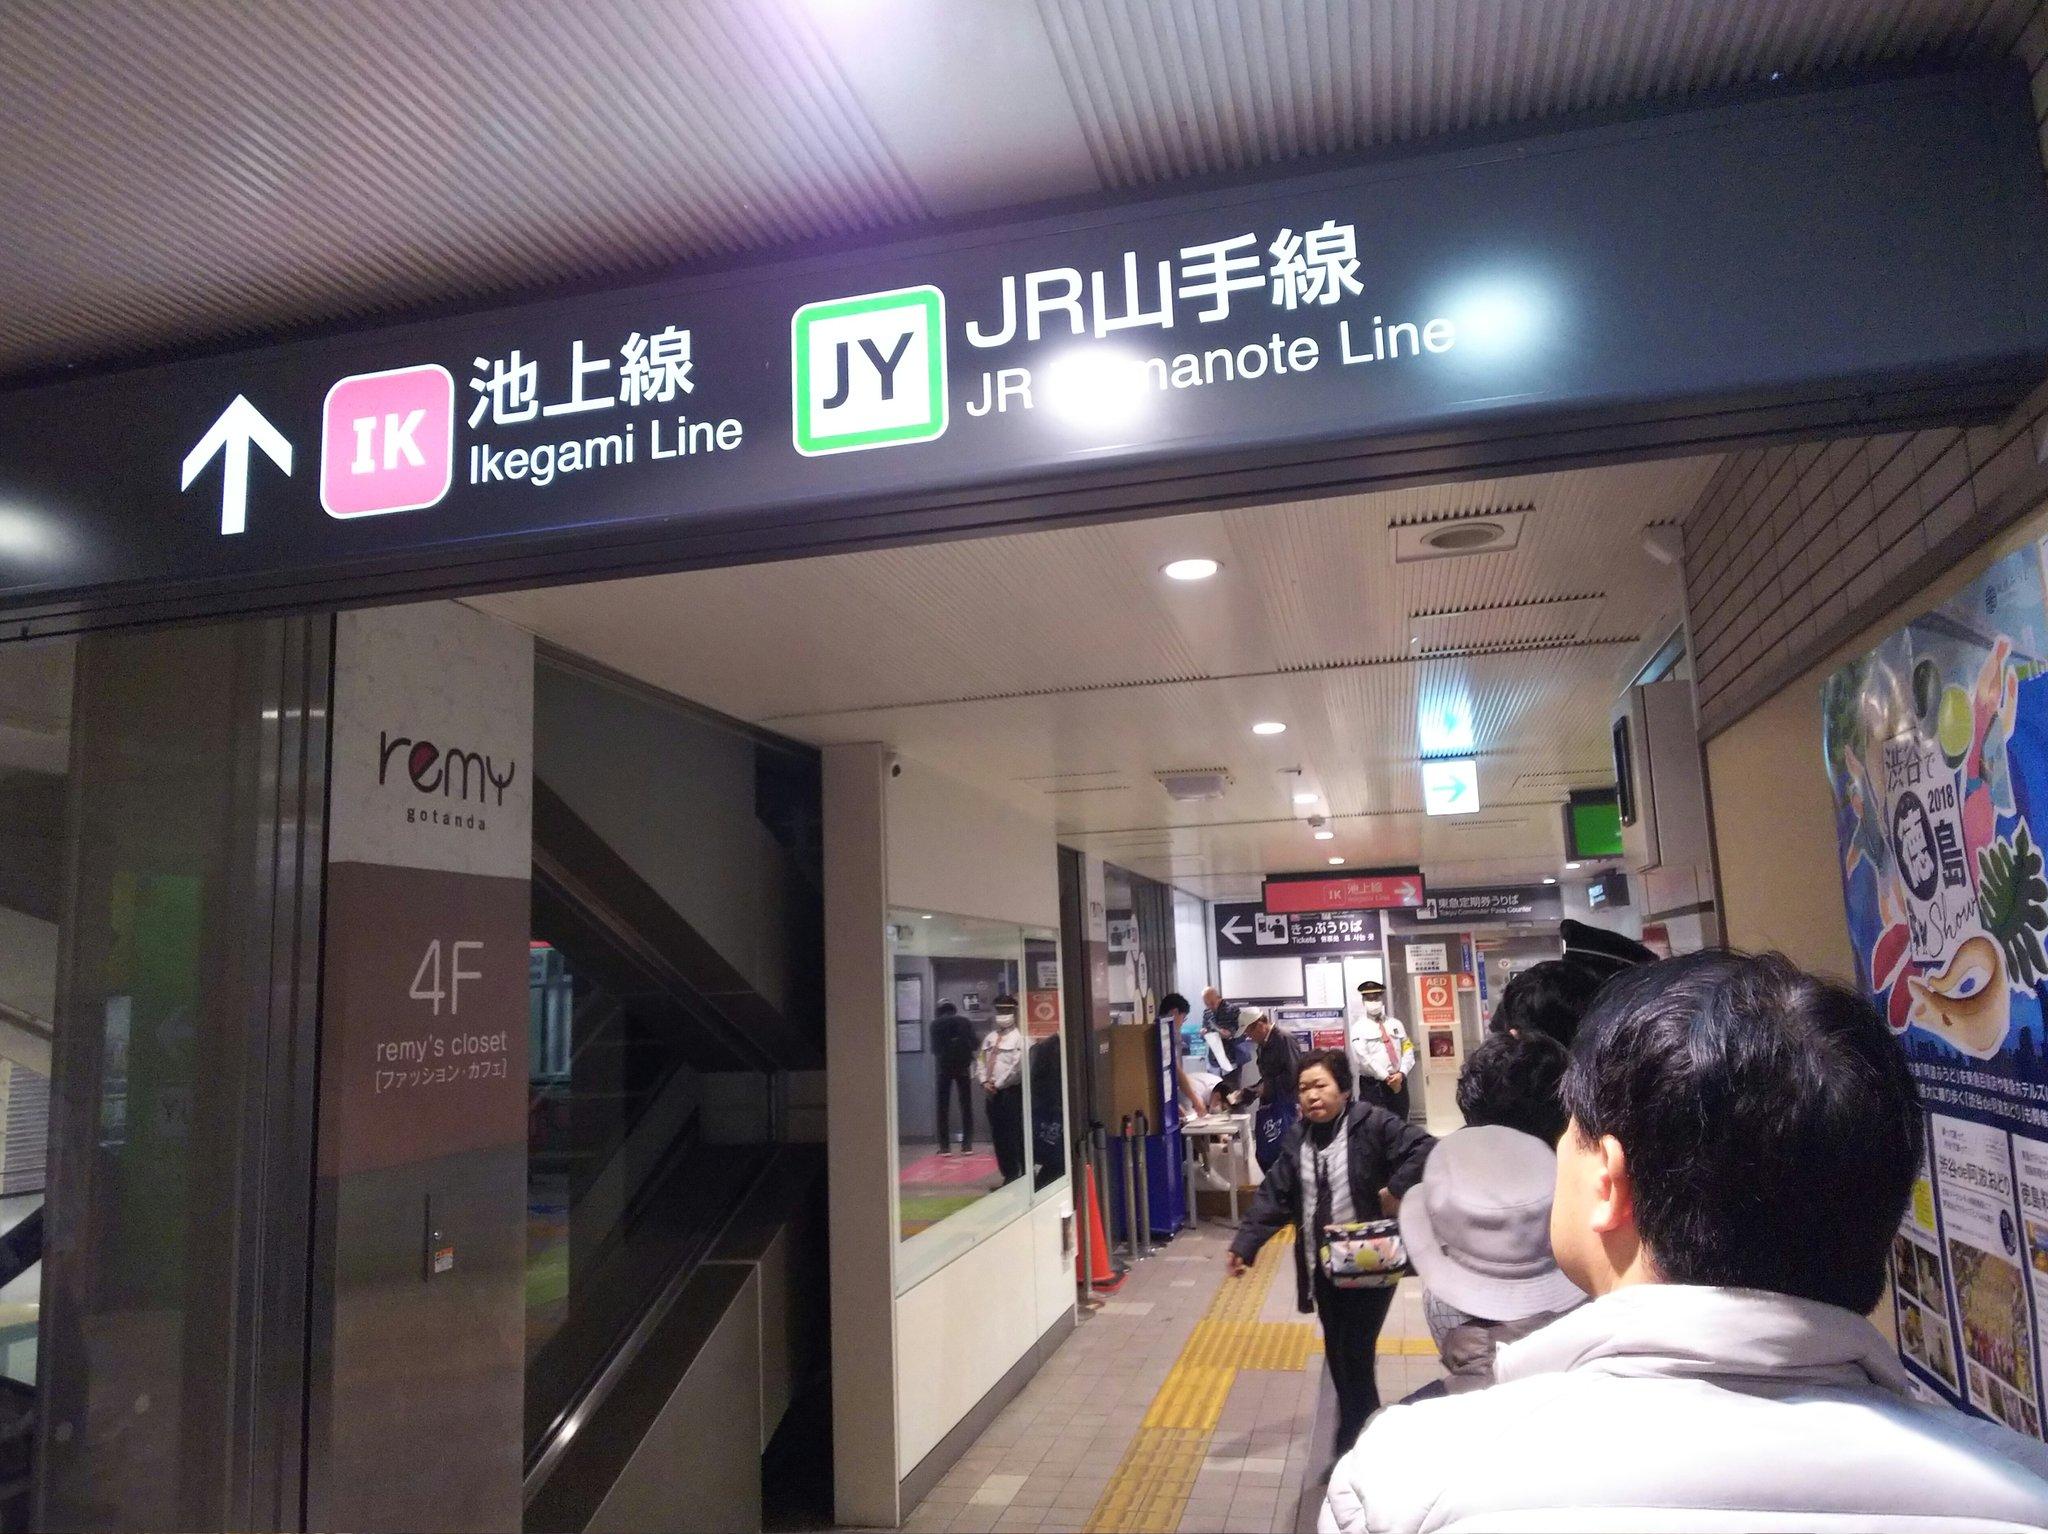 画像,東急7700系の記念乗車券五反田駅は、蒲田より長蛇の列は、ない。しかも1列ずつ https://t.co/npXlIi4Nsd…